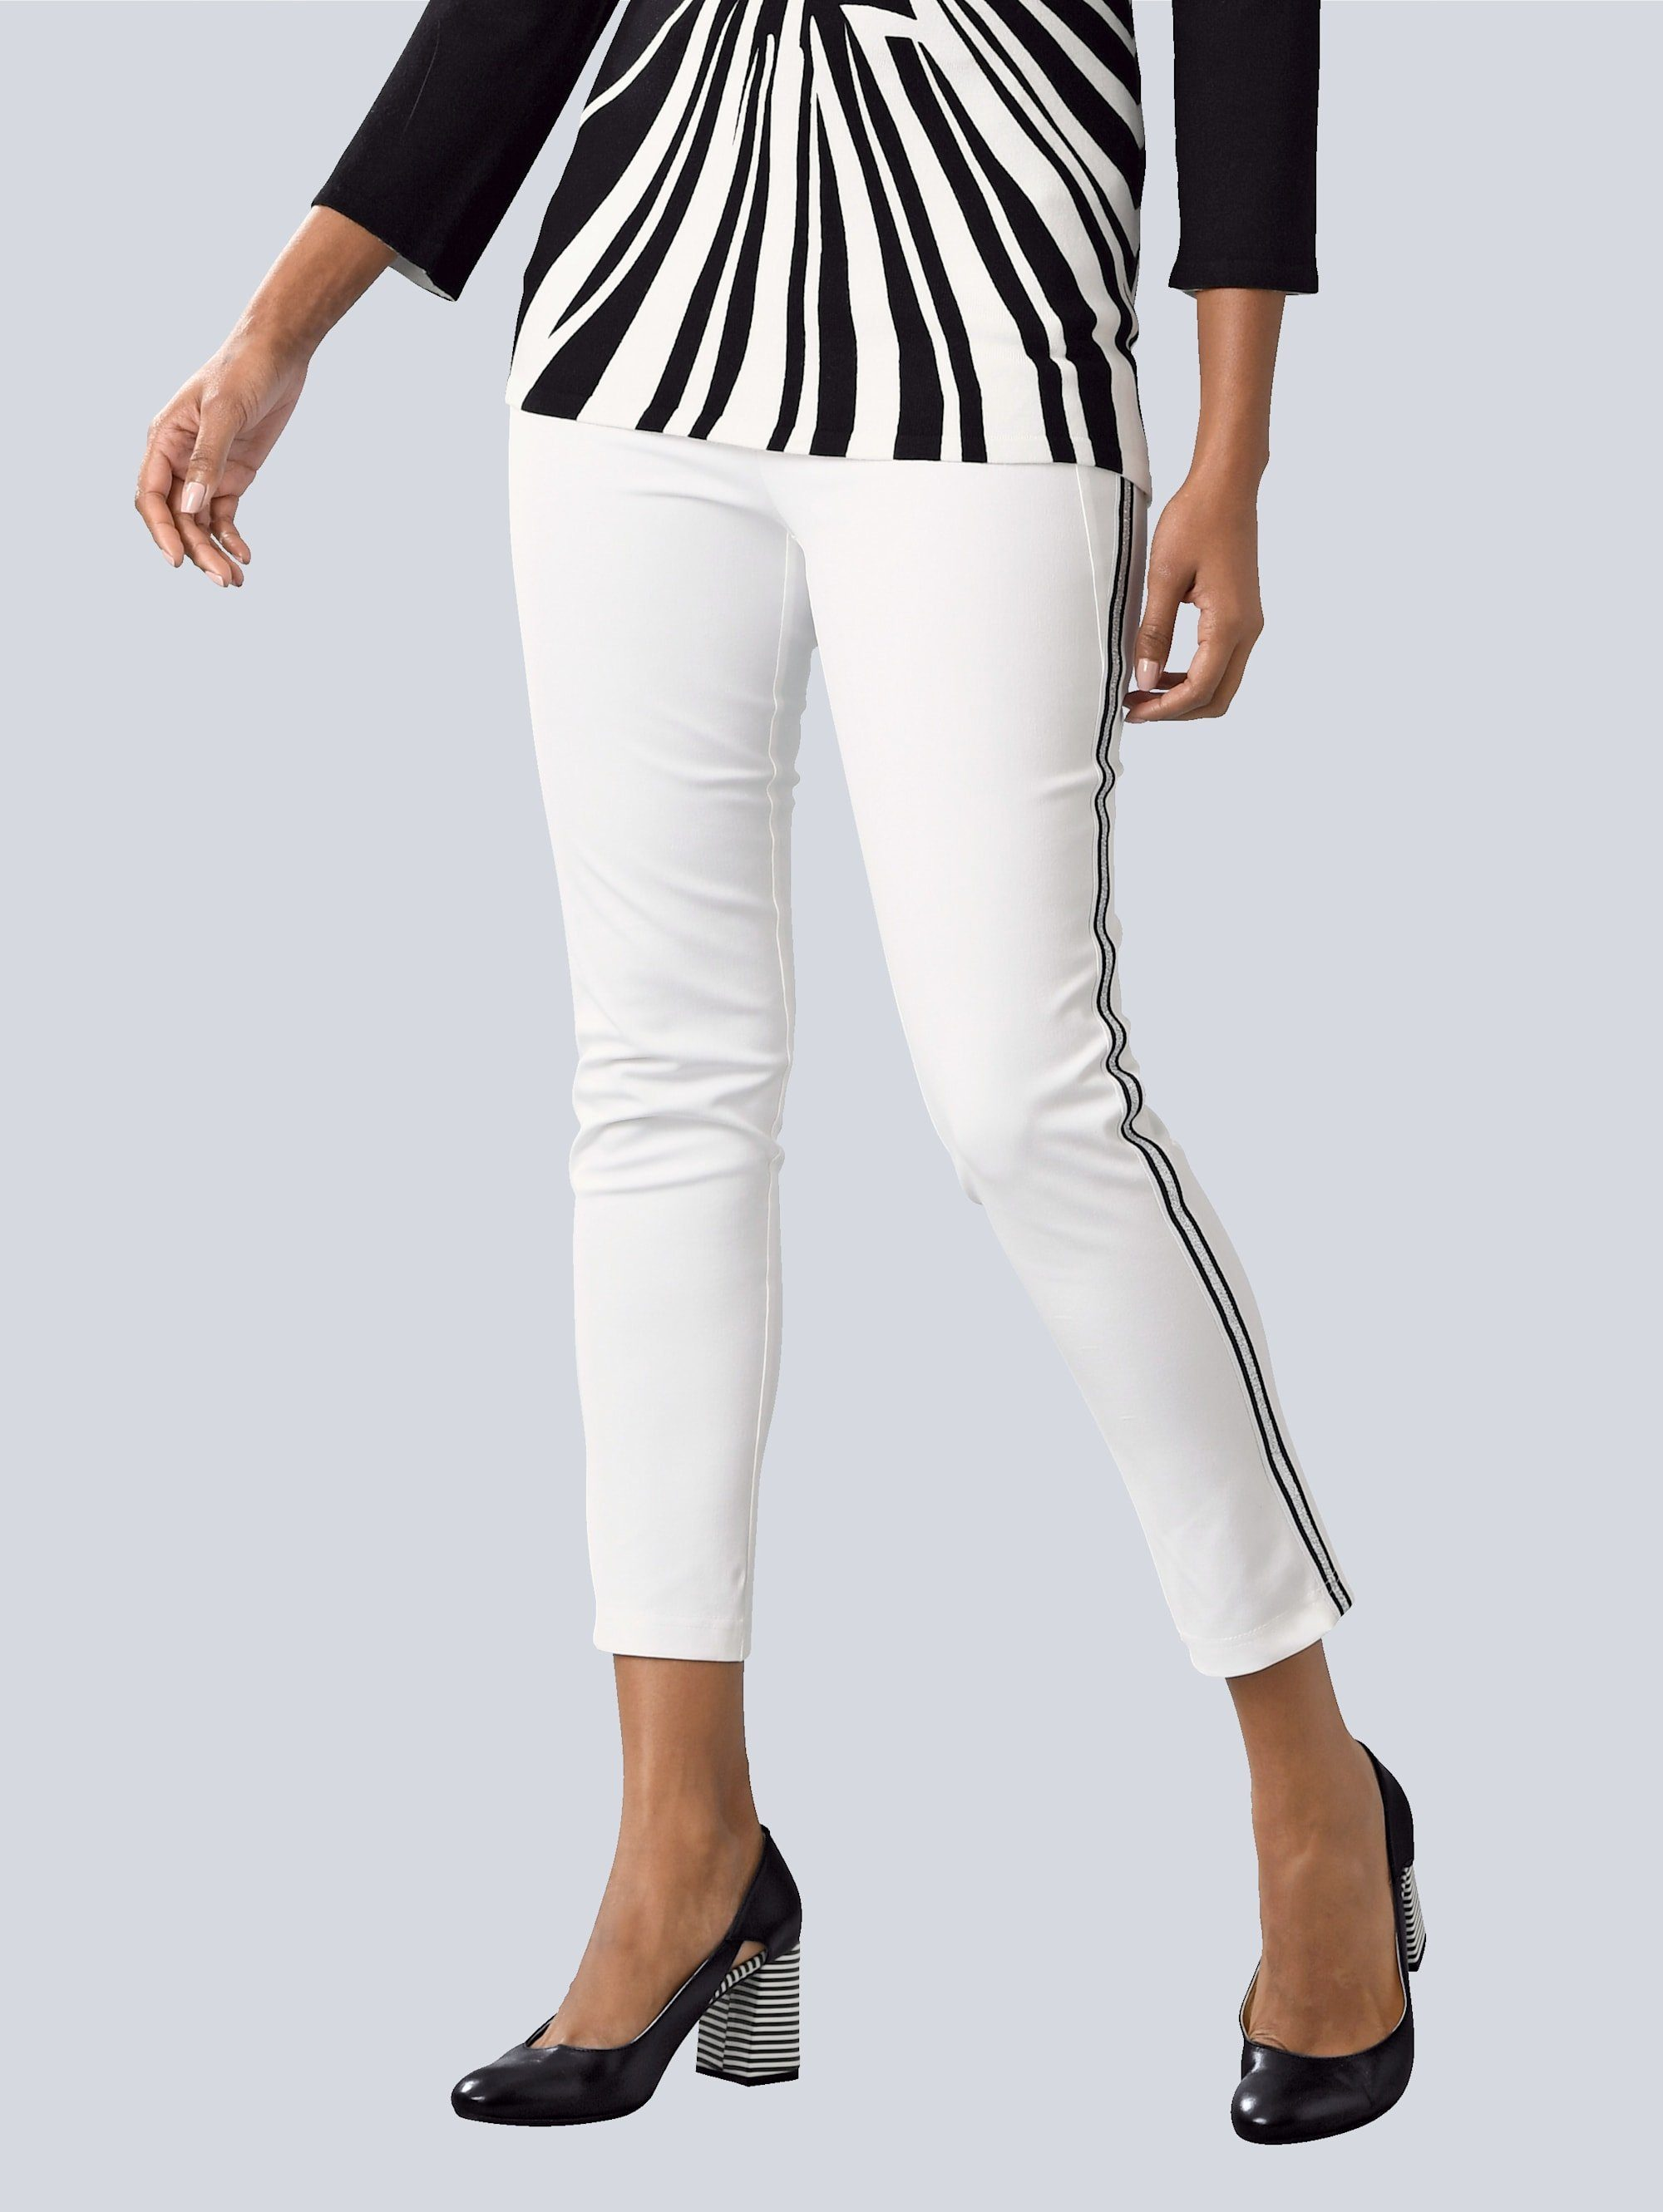 Alba Moda Hose mit seitlichem Galon, Schmale Silhouette mit hohen Tragekomfort durch Elasthan Ant online kaufen | OTTO